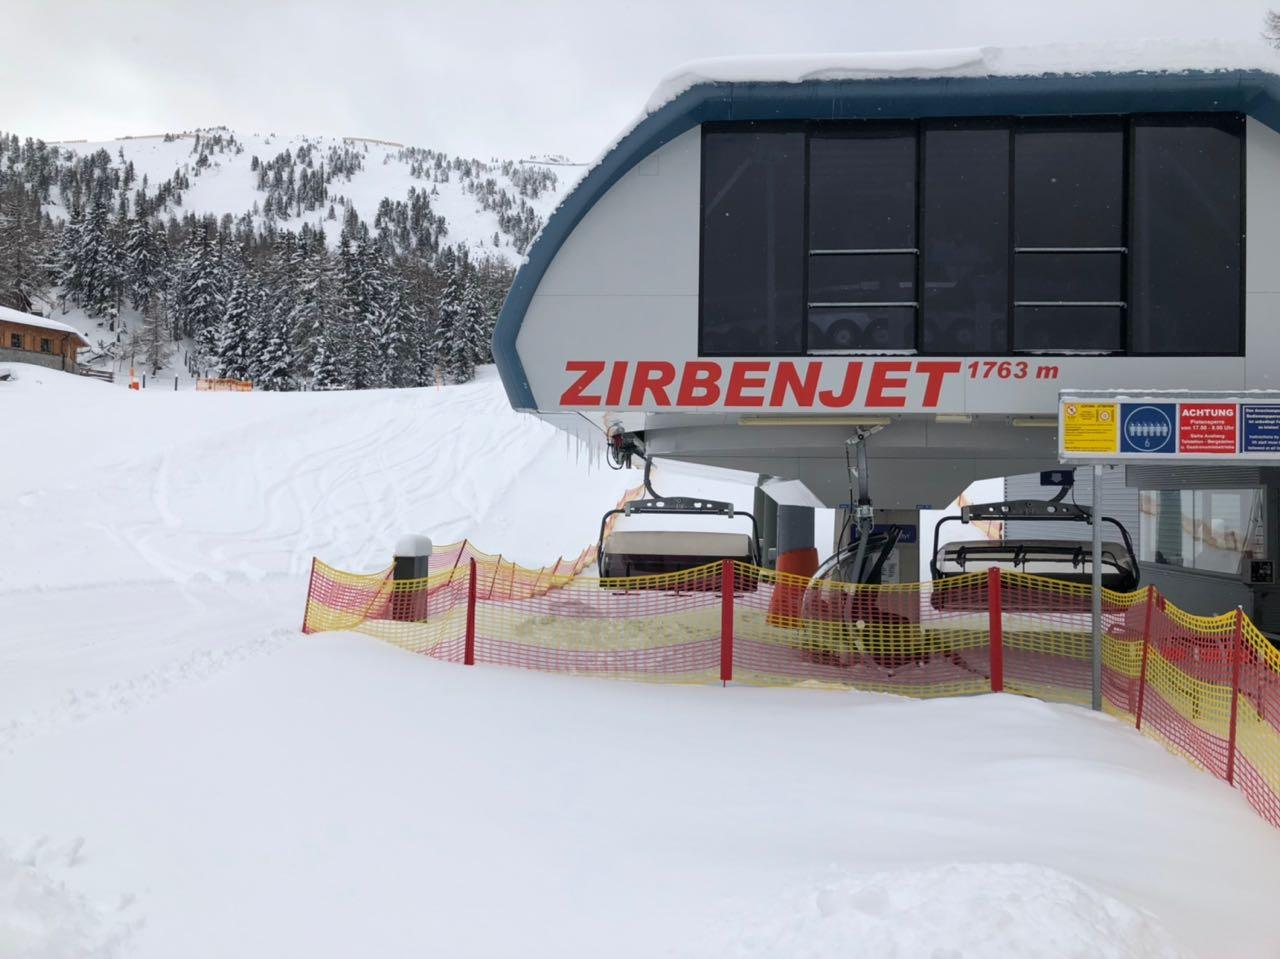 Der Zirbenjet bringt emsige Ski- und Snowboardfahrer schnell hinauf